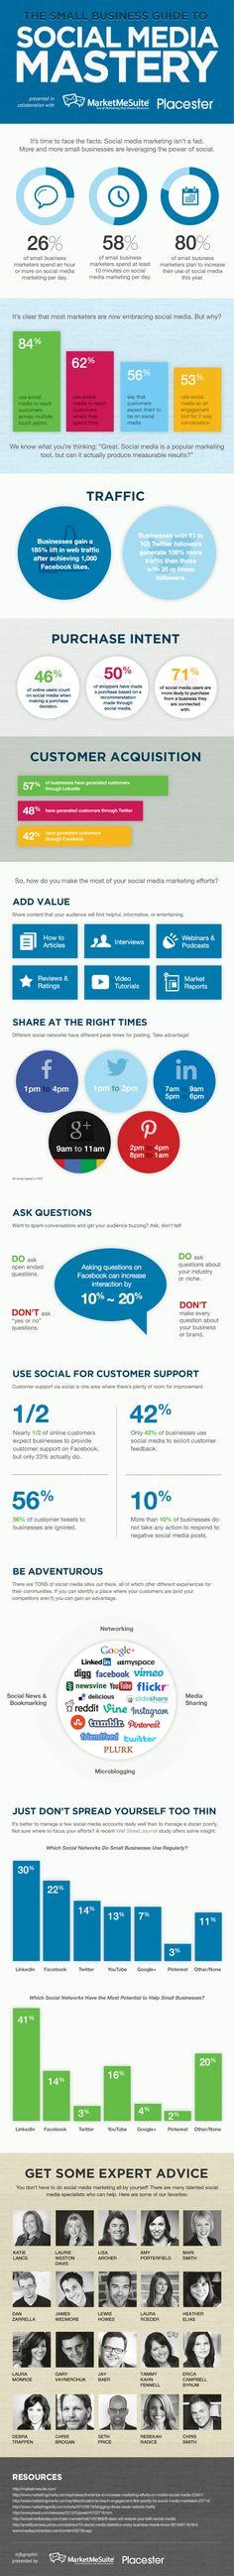 Guía de Social Media para pymes #infografia #infographic#socialmedia